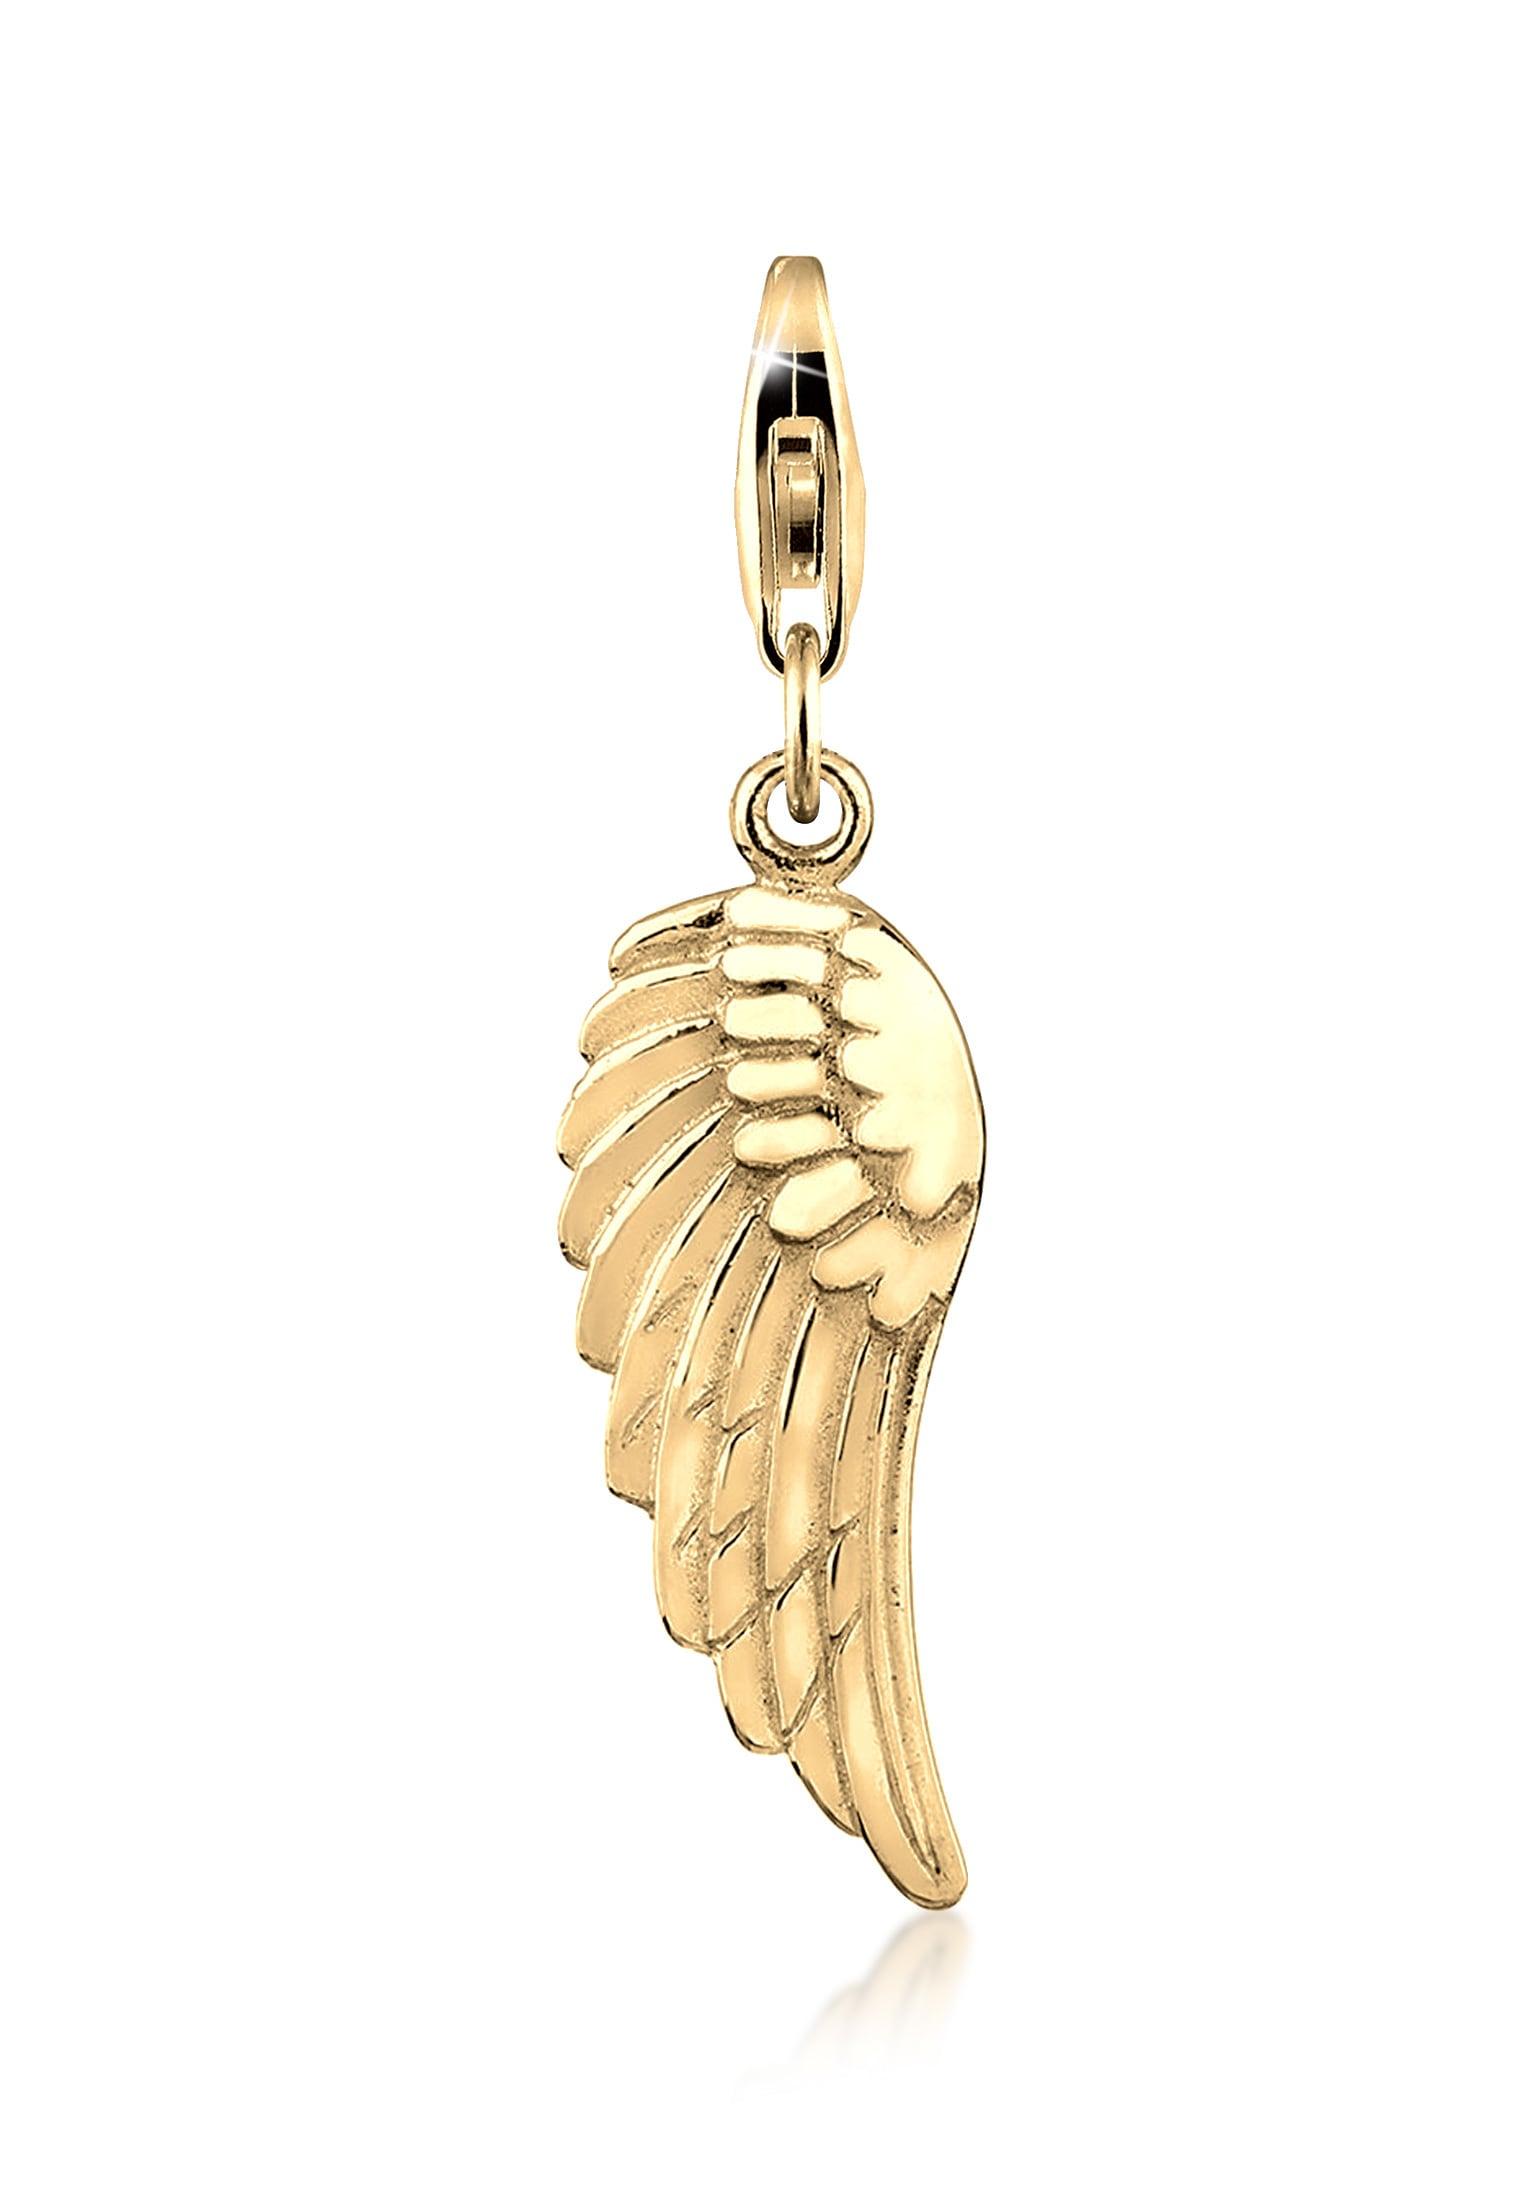 Nenalina Charm-Einhänger Anhänger Flügel Engel Glücksbringer 925 Silber | Schmuck > Charms | Nenalina